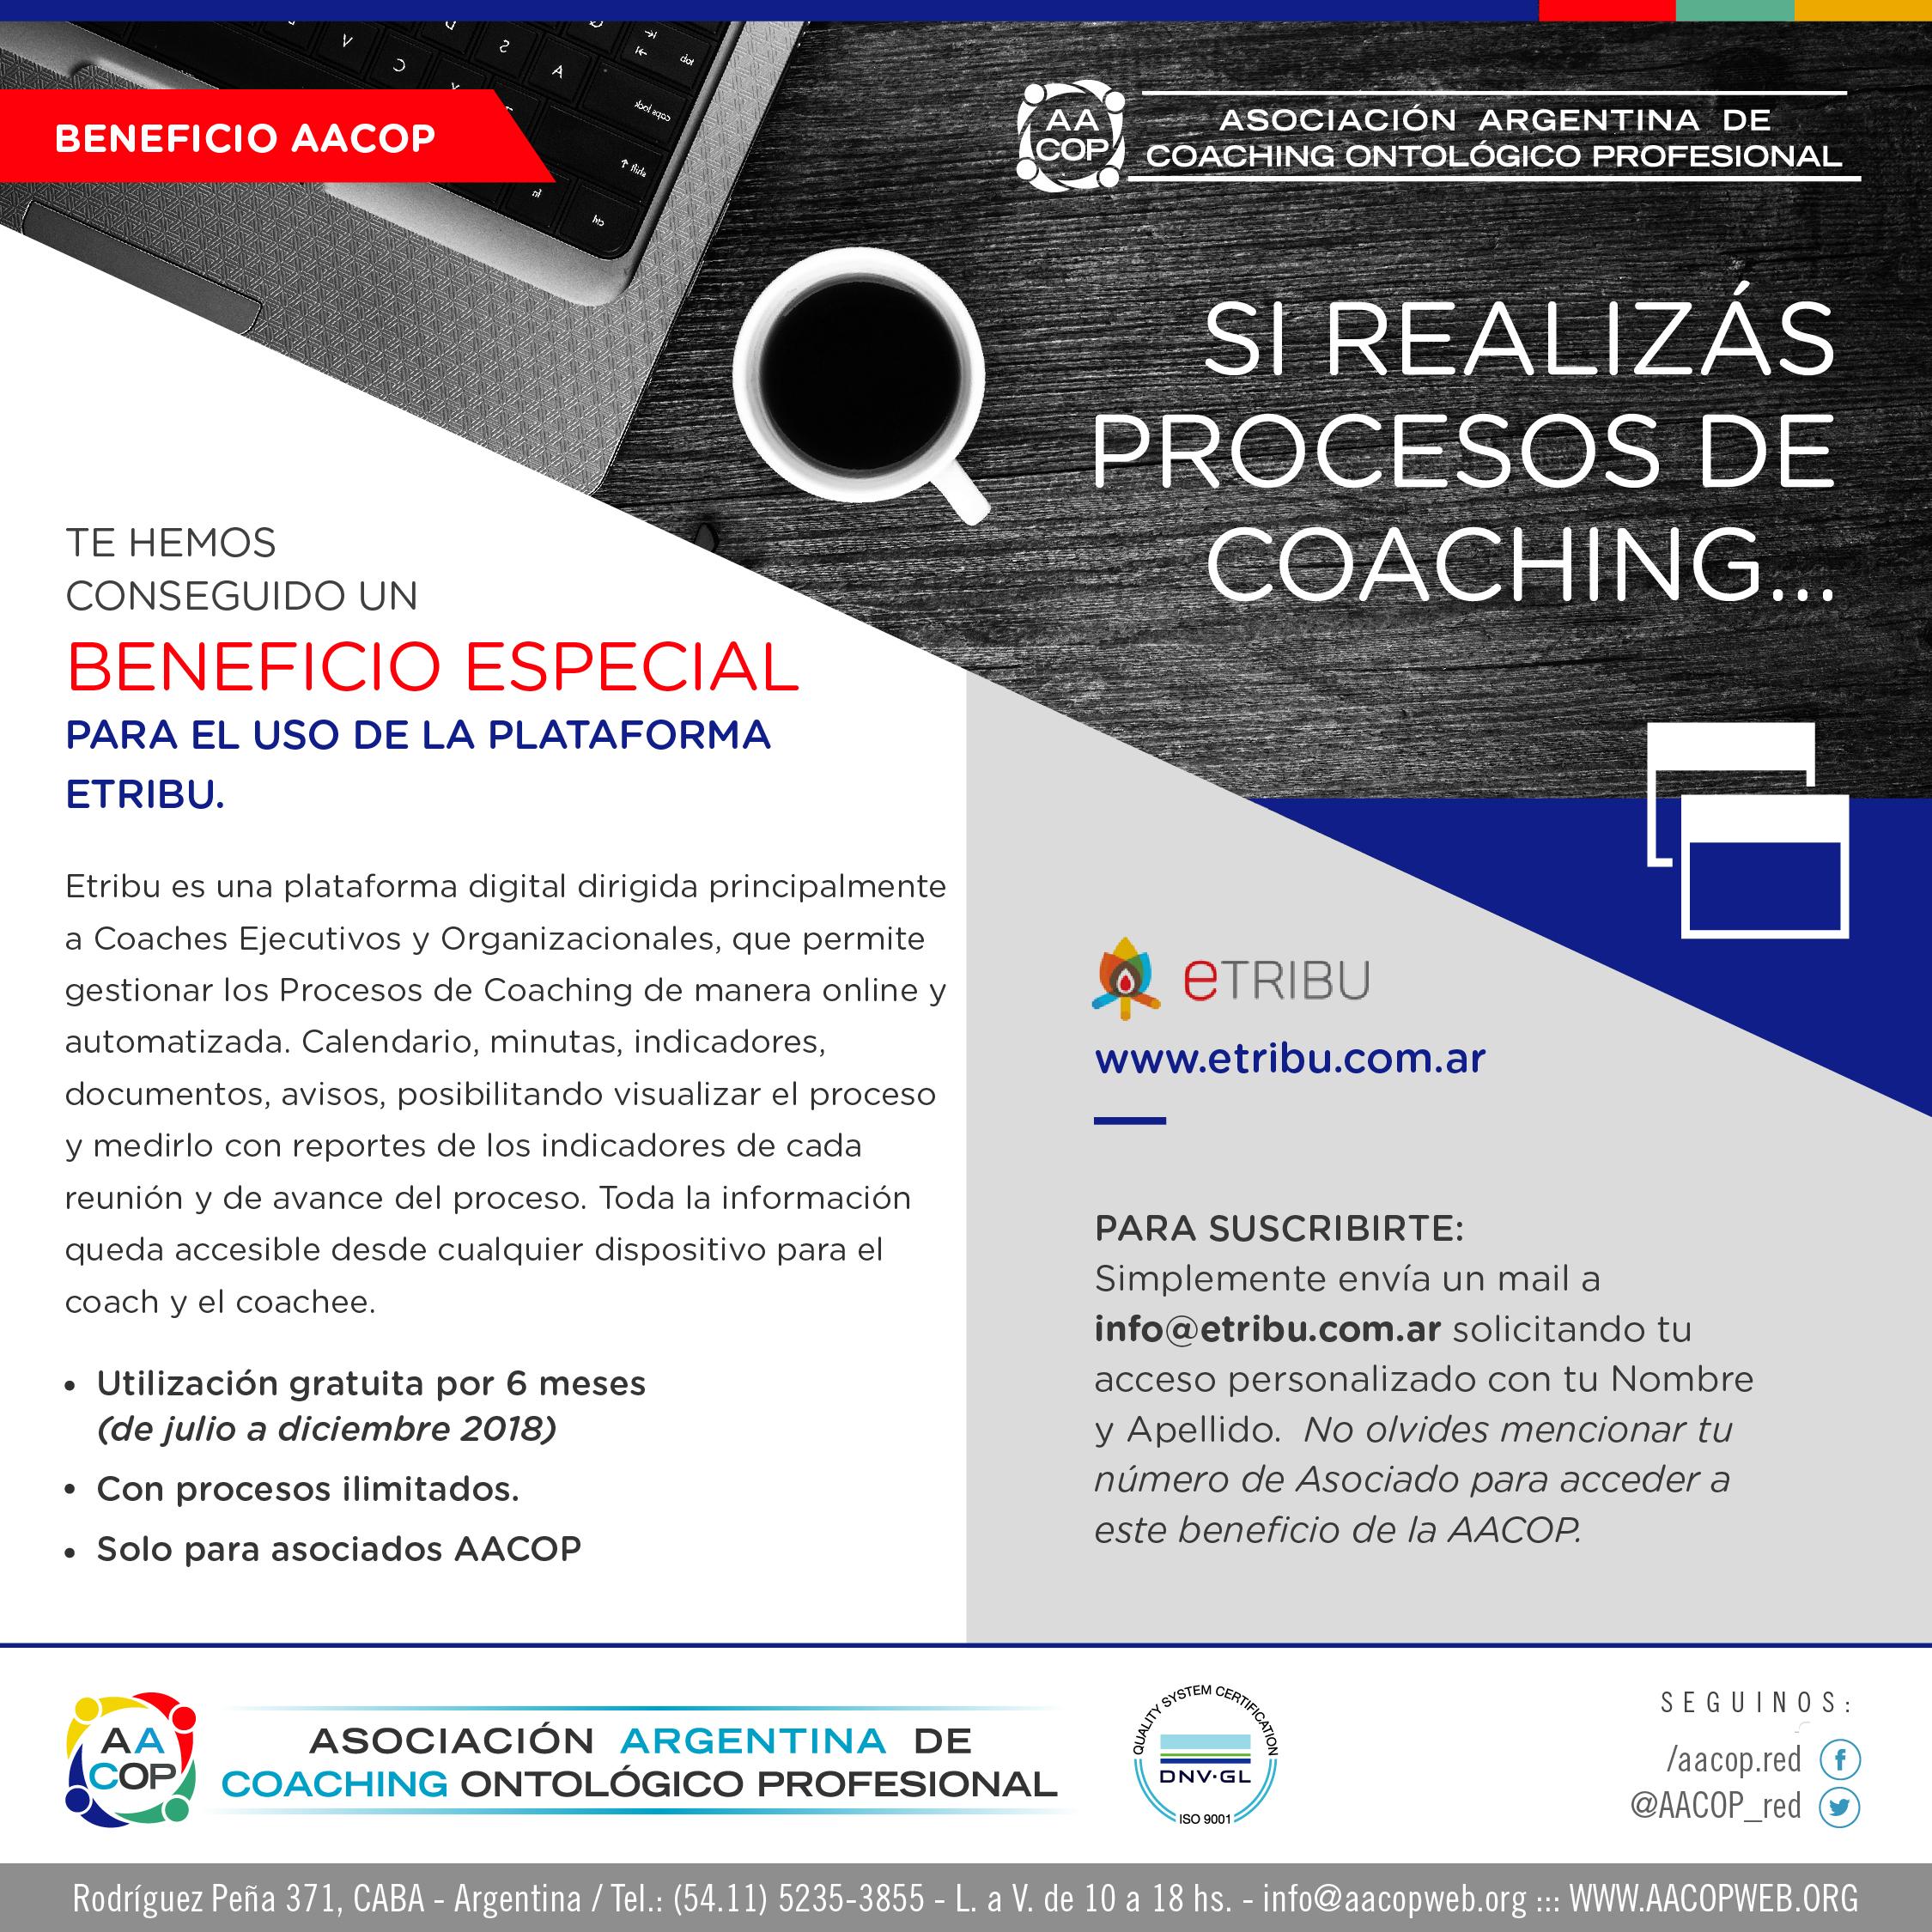 Beneficio especial para procesos de Coaching | imagen